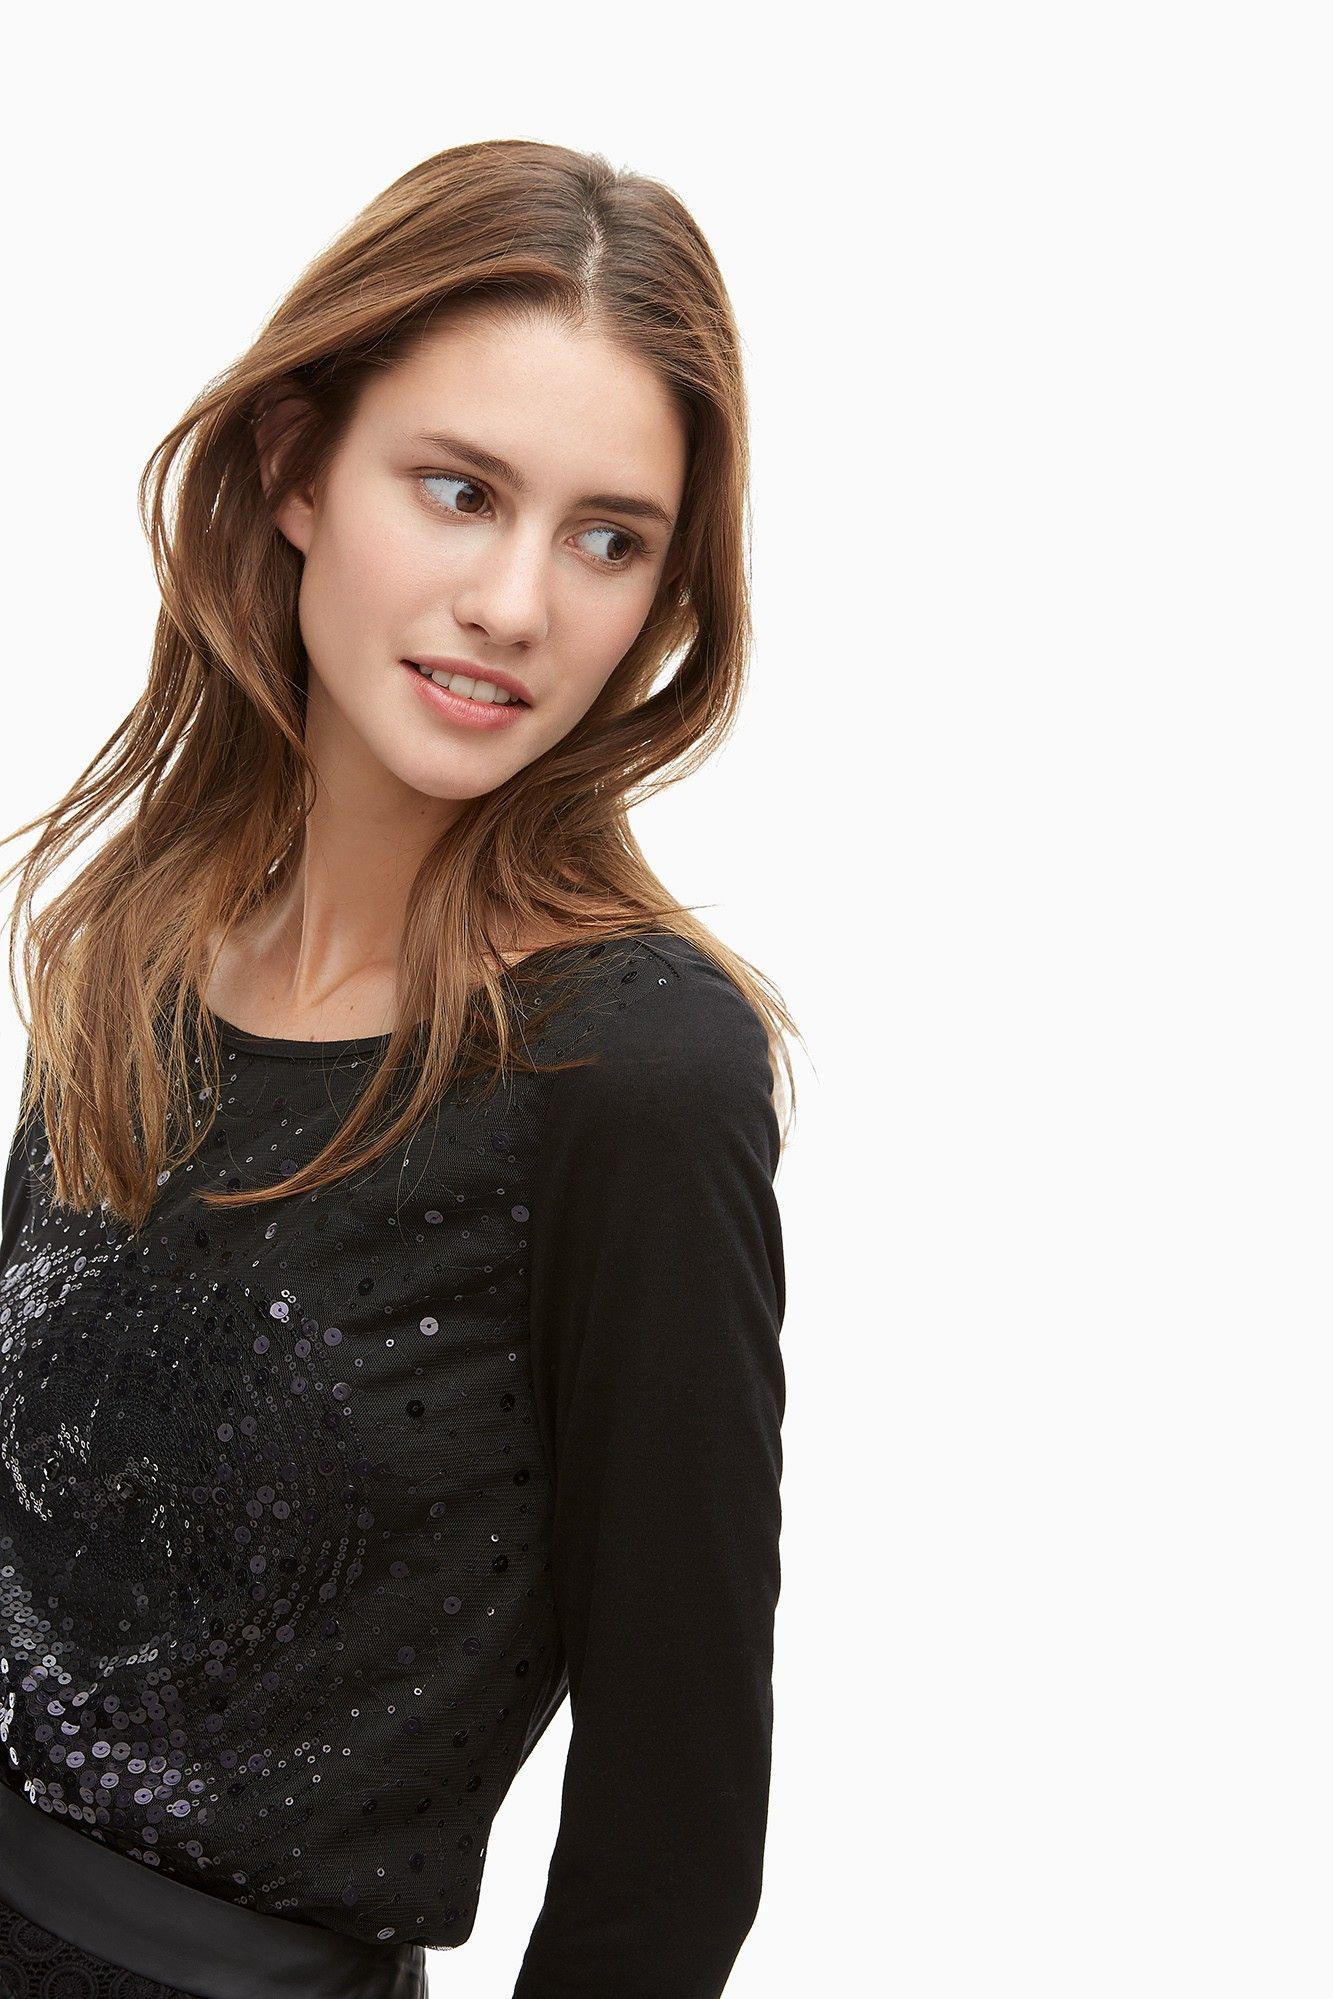 Camiseta con búho de lentejuelas - camisetas | Adolfo Dominguez shop online